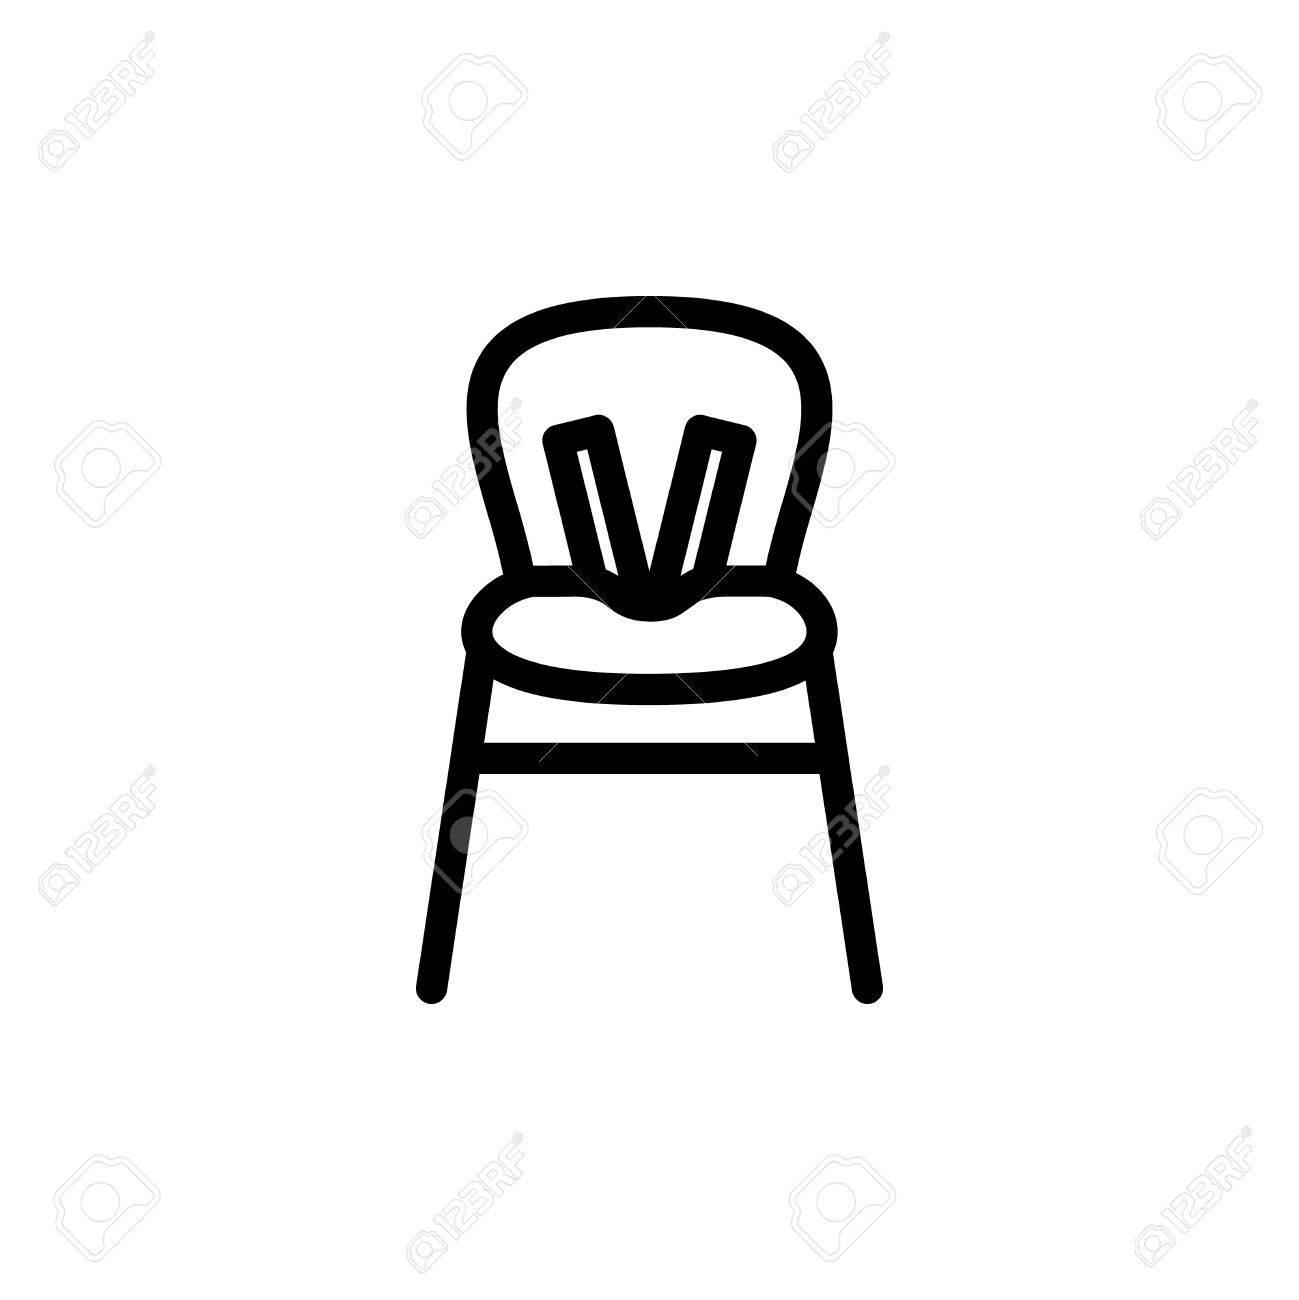 Contour Symbole Enfant Chaise Haute Pour Lalimentation La Conception De Webstie Et Applications Mobiles Enfants Dcrire Les Pictogrammes